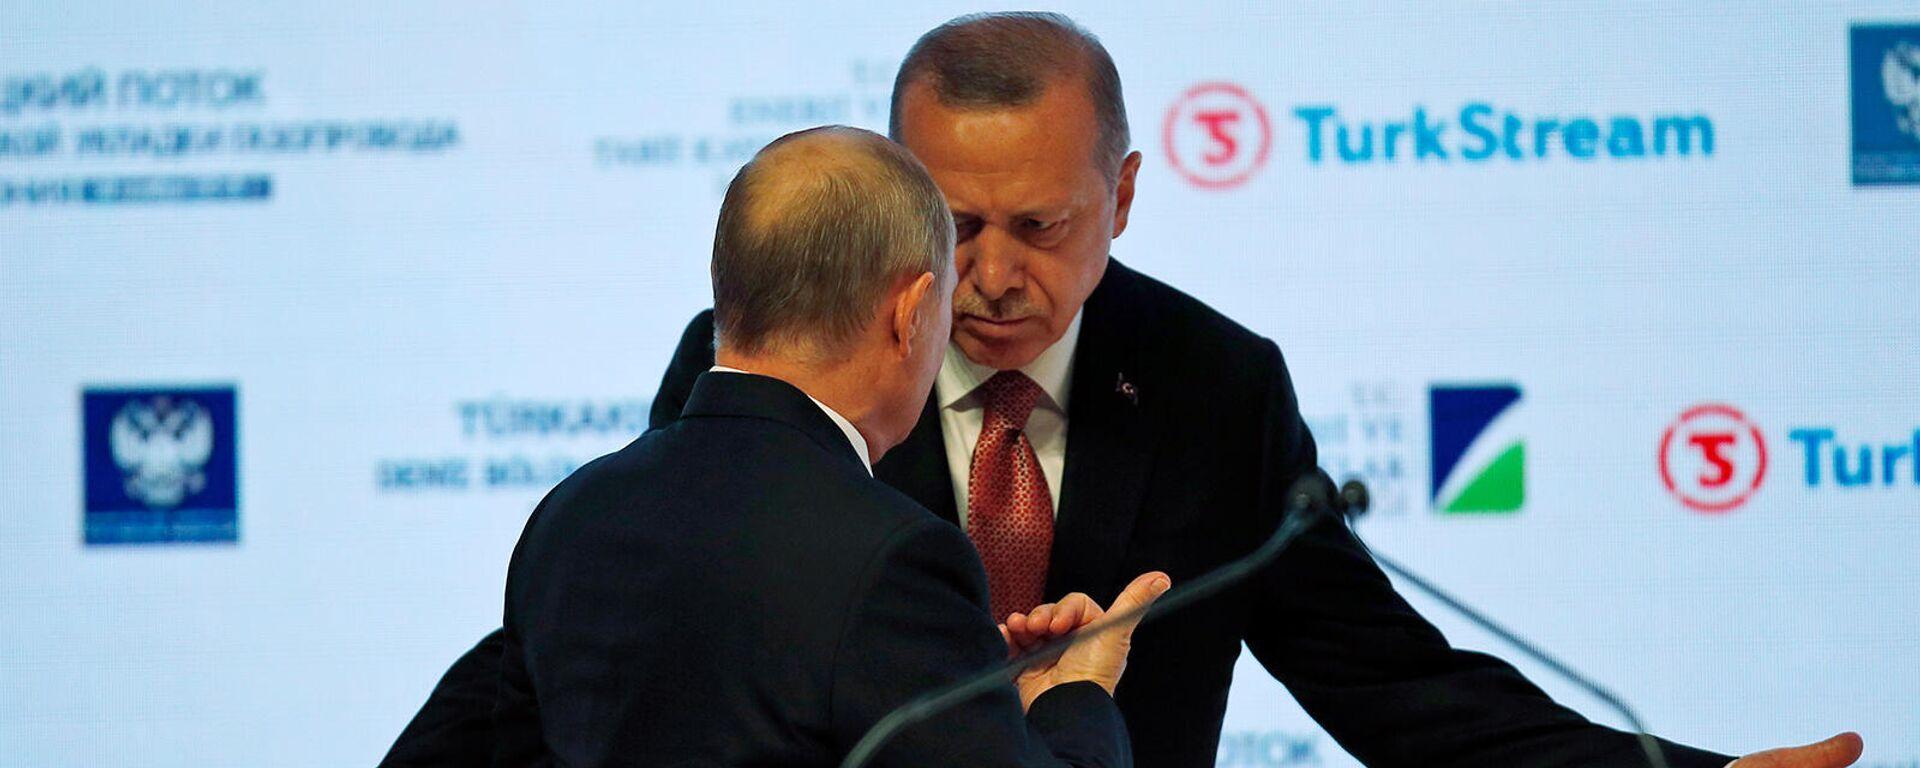 Президенты России и Турции Владимир Путин и Реджеп Тайип Эрдоган на мероприятие, посвященное завершению одного из этапов строительства газопровода Турецкий поток (19 ноября 2018). Стамбул - Sputnik Армения, 1920, 28.09.2021